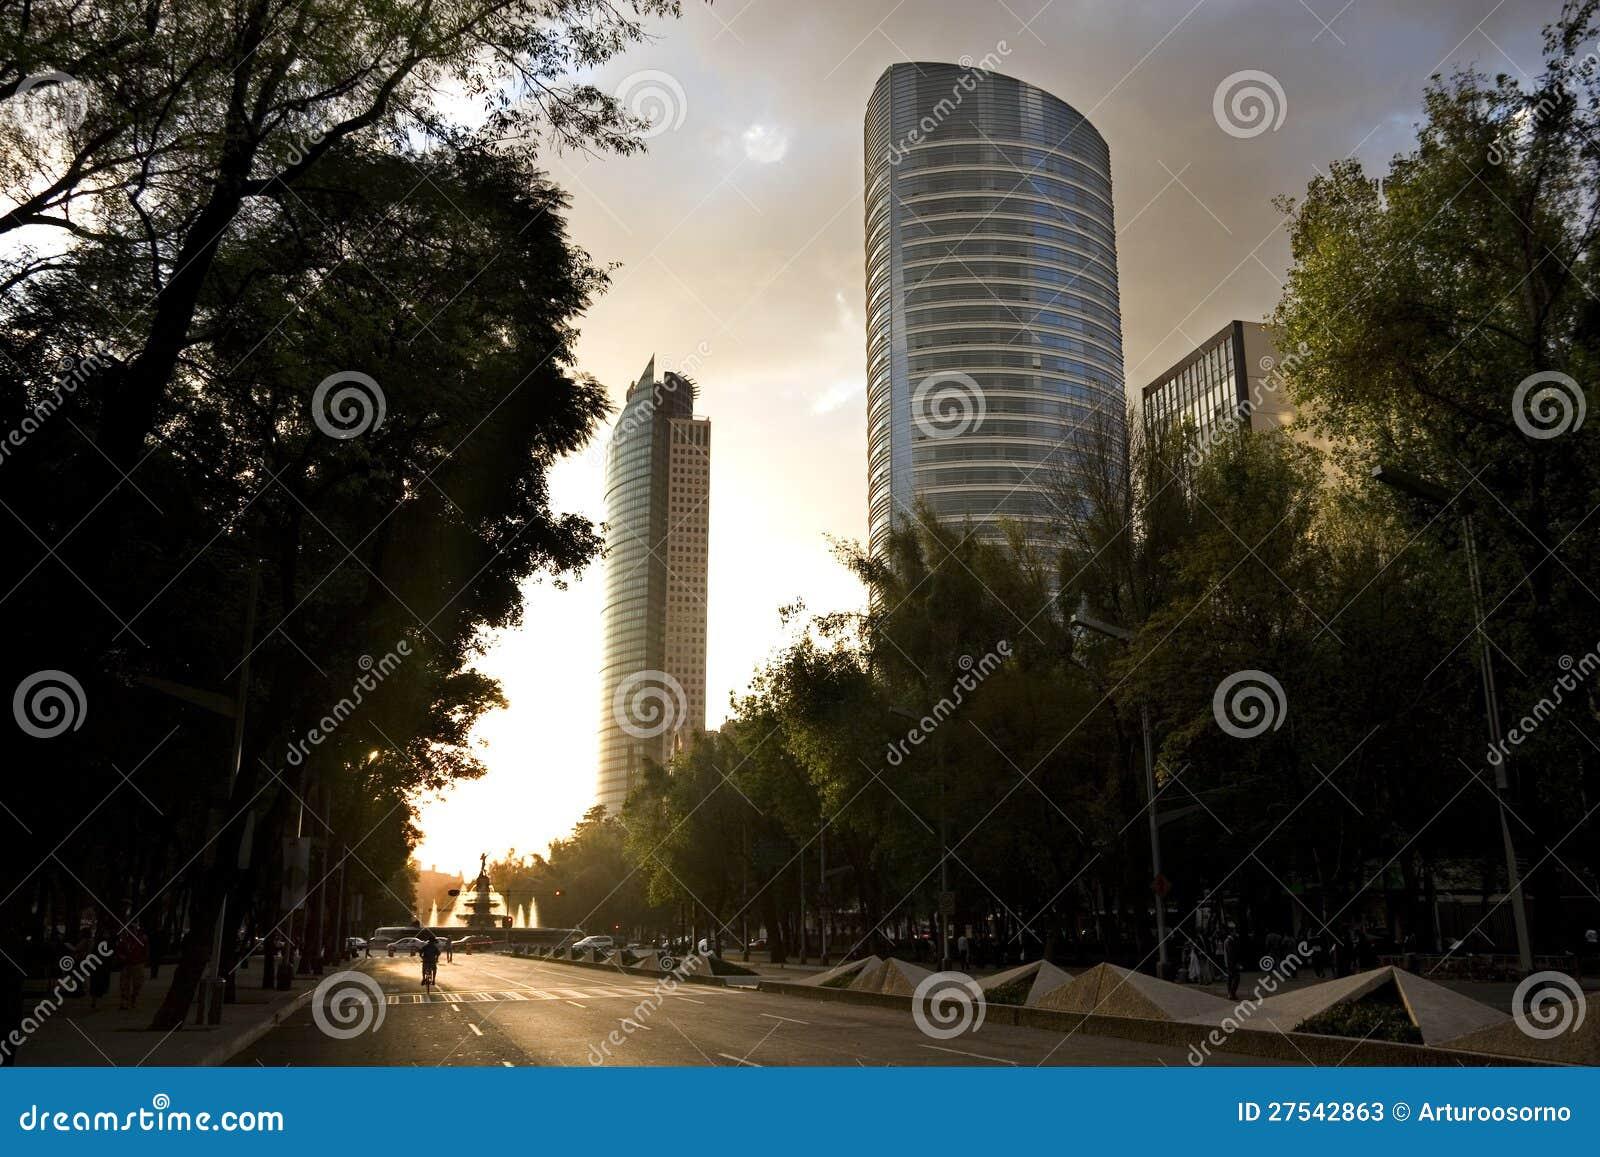 Messico City